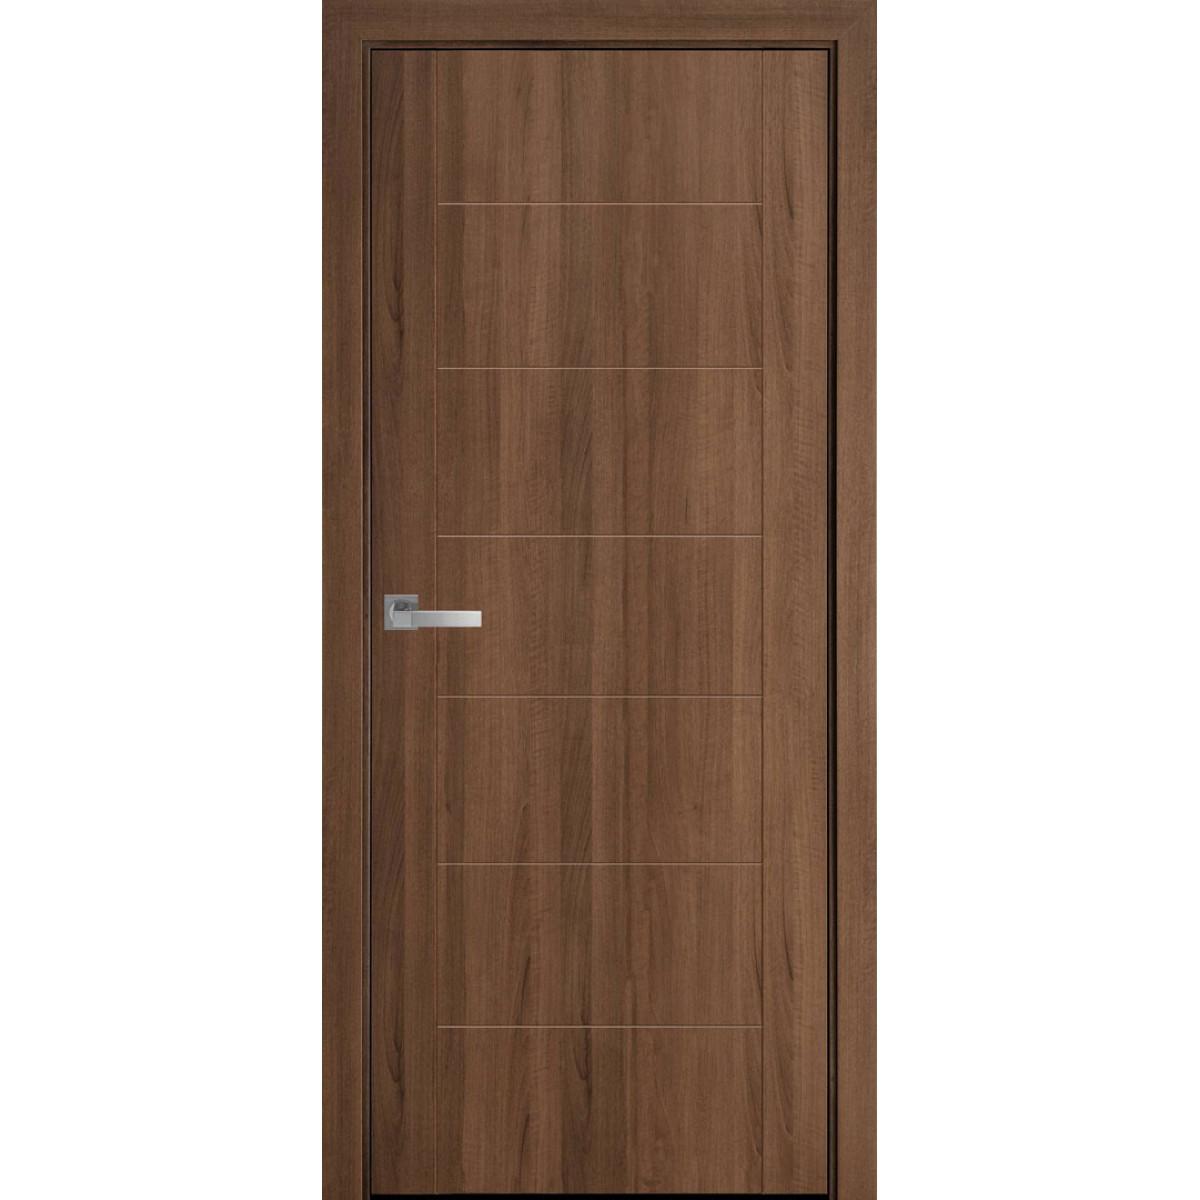 Межкомнатная дверь Рина ПВХ Новый стиль